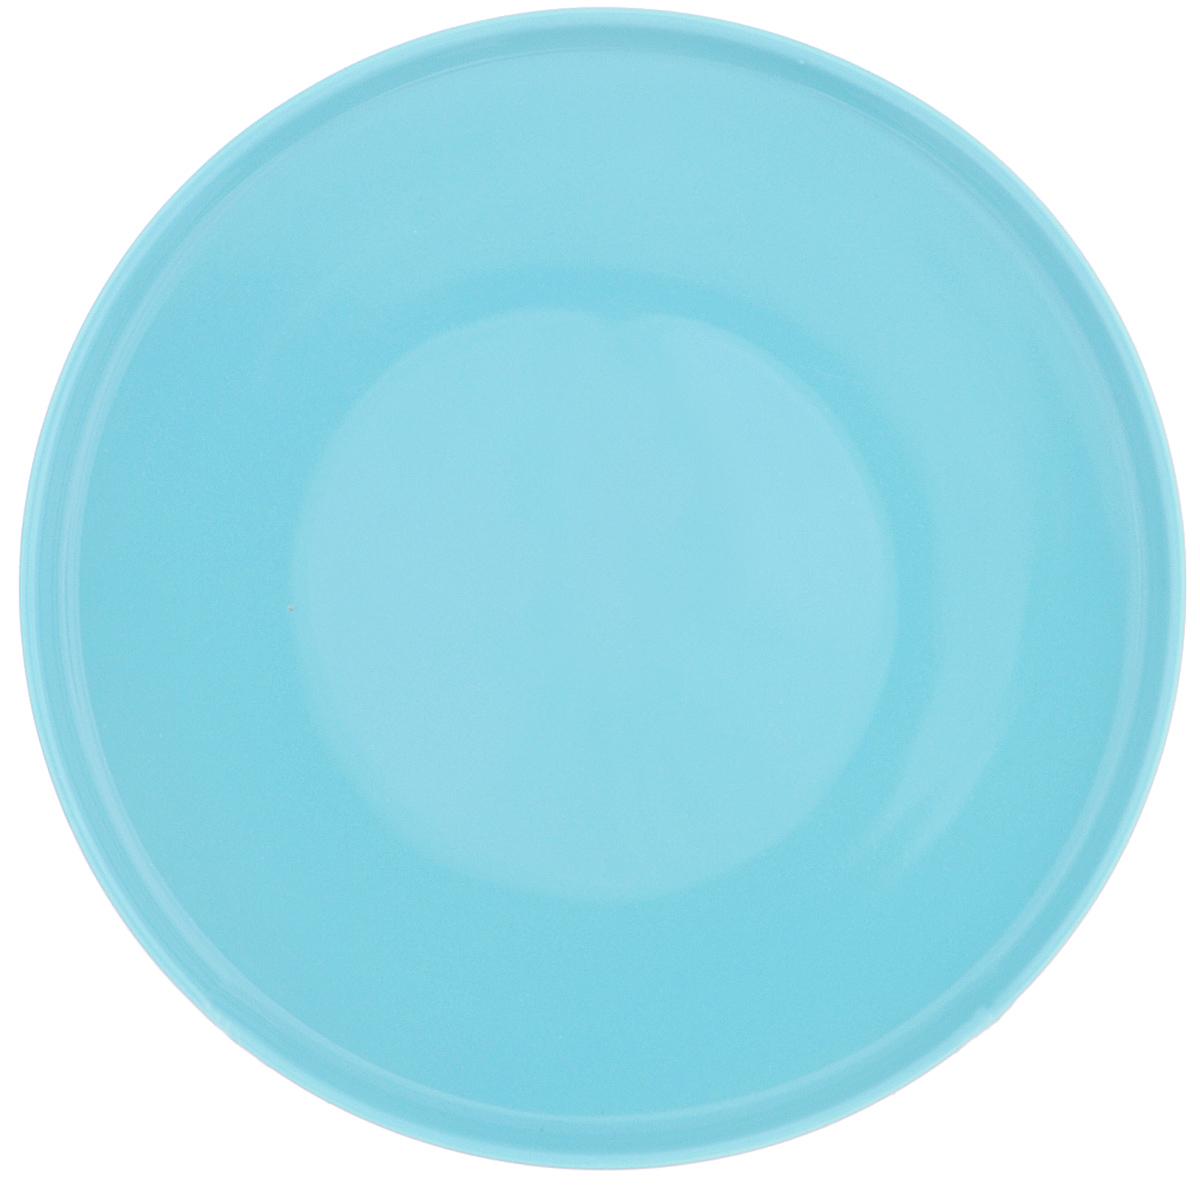 Тарелка Sagaform, цвет: голубой, диаметр 19 см5016579Тарелка Sagaform  изготовлена из высококачественной керамики. Она прекрасно впишется в интерьер вашей кухни и станет достойным дополнением к кухонному инвентарю. Яркая однотонная расцветка и современный дизайн хорошо впишутся в интерьер любой кухни. Такая тарелка не только украсит ваш кухонный стол и подчеркнет прекрасный вкус хозяйки, но и станет отличным подарком. Можно мыть в посудомоечной машине. Диаметр ( по верхнему краю): 19 см. Высота: 2 см.